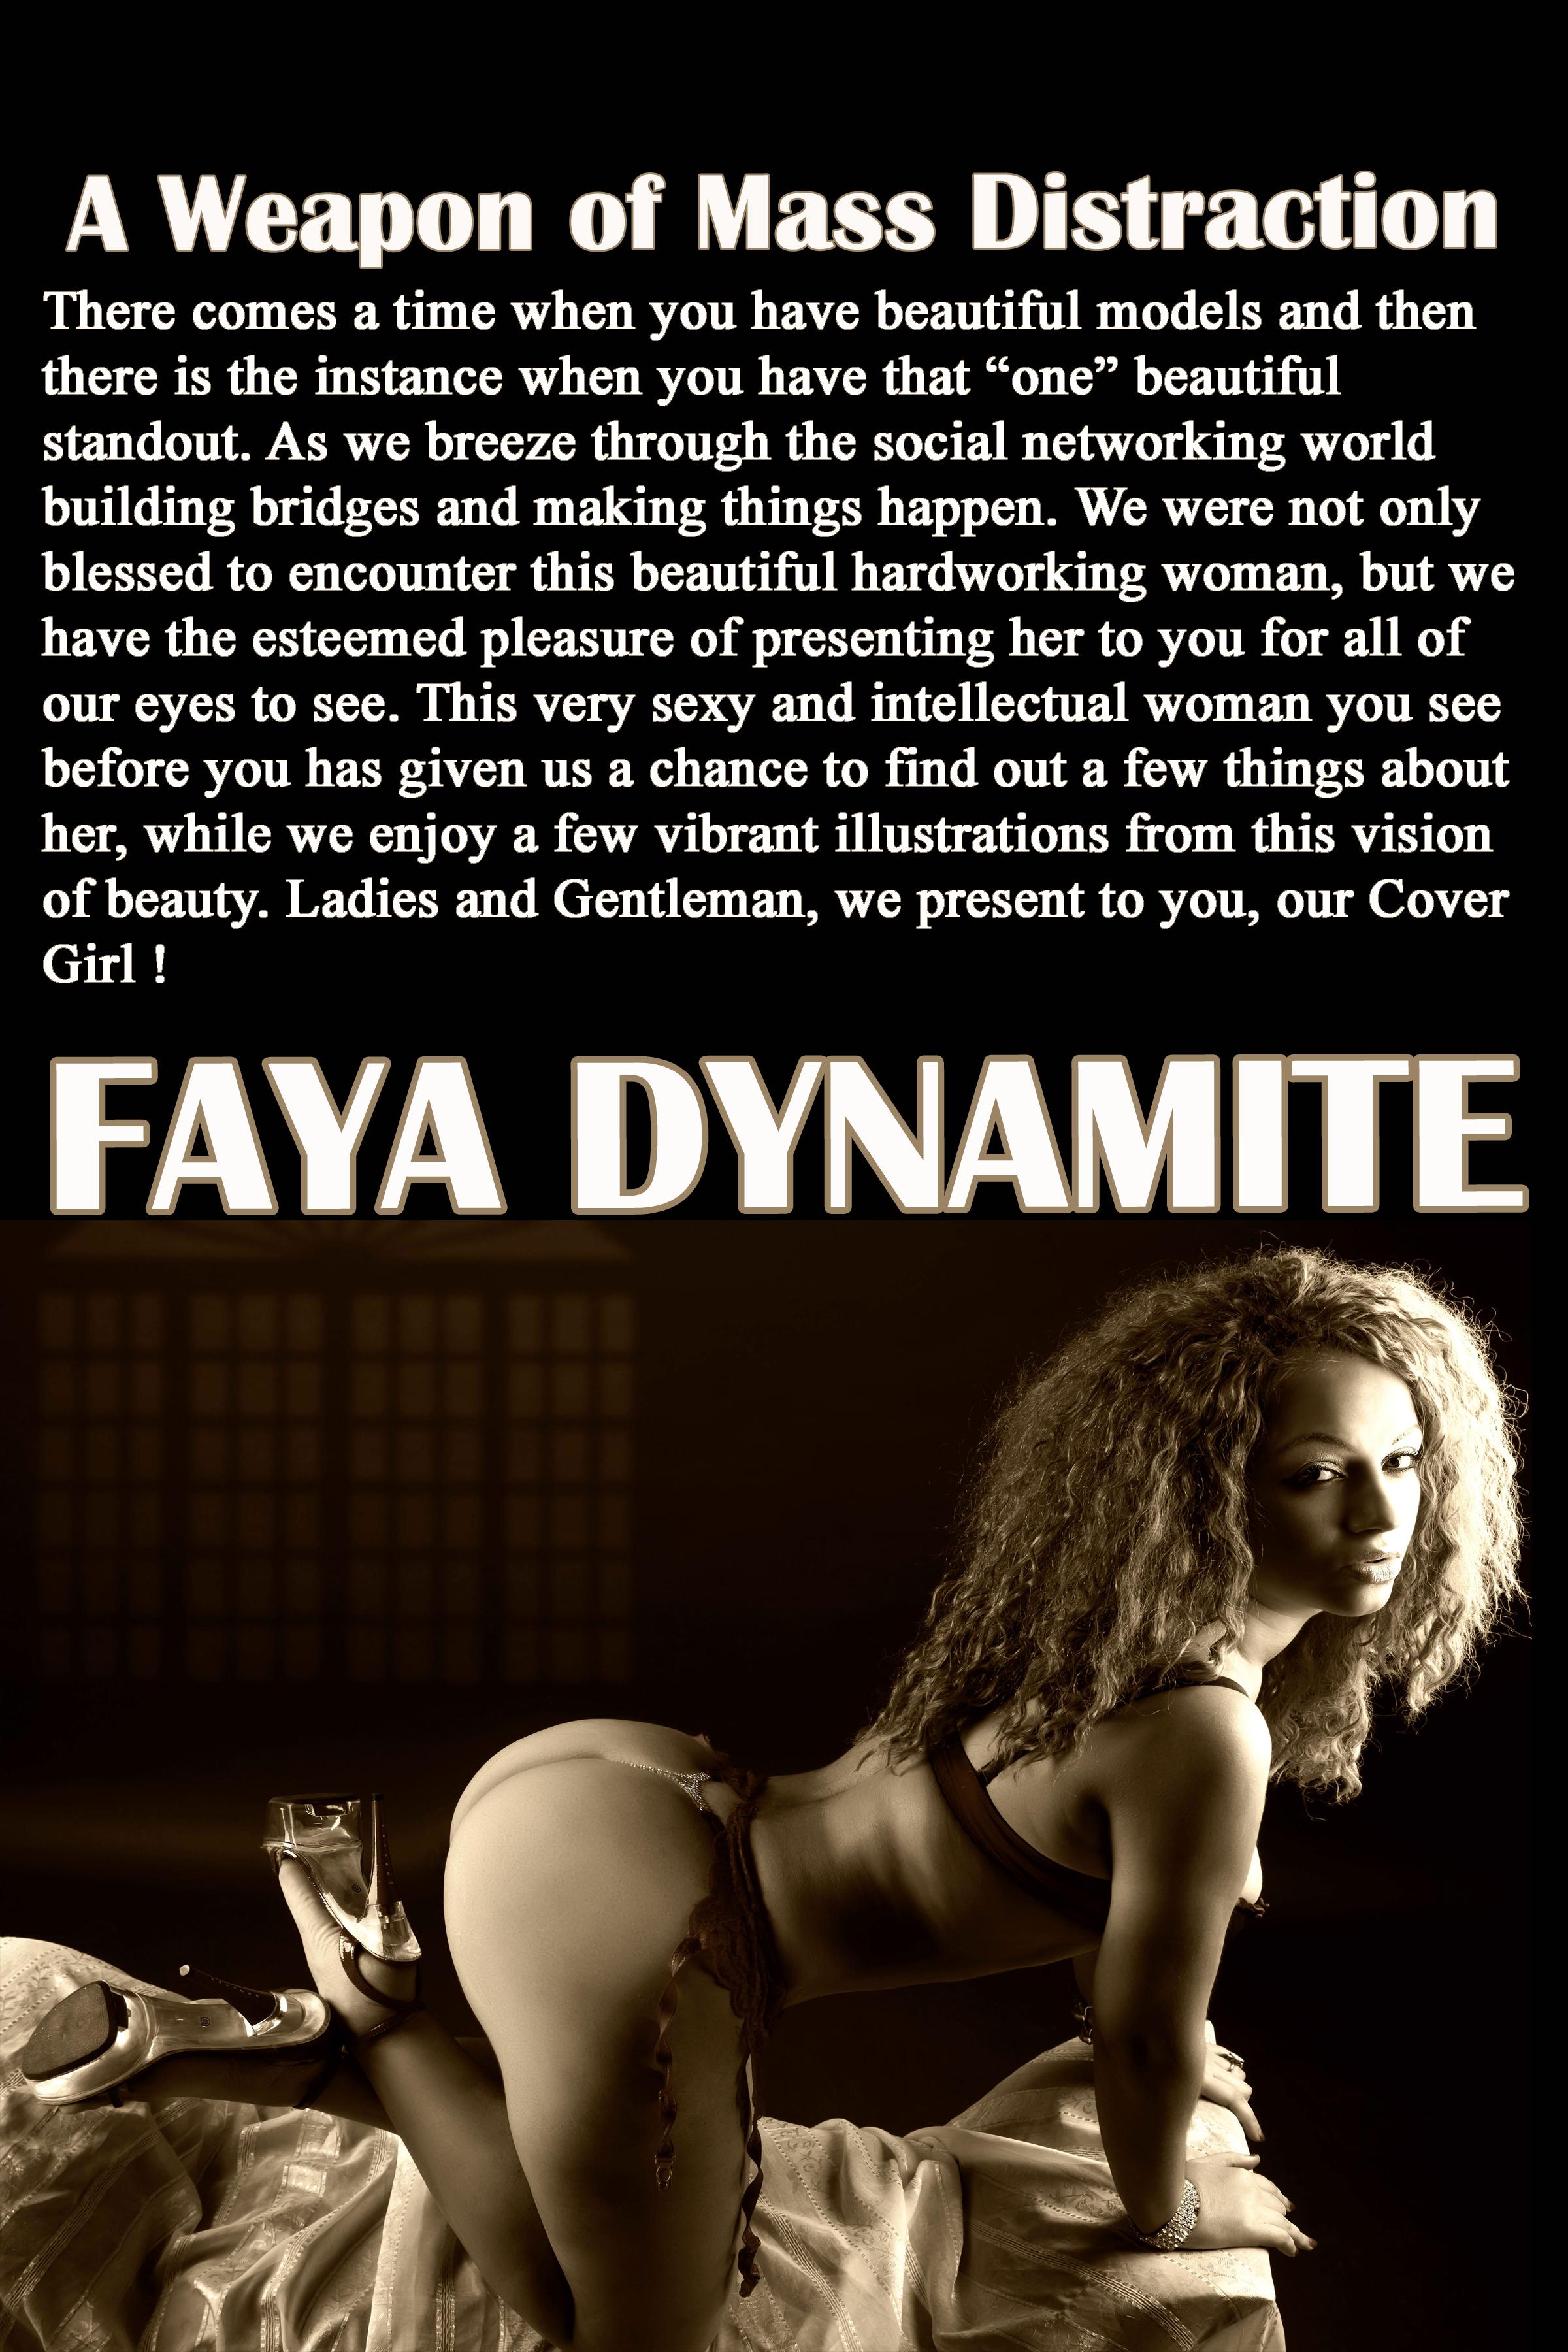 FAYA DYNAMITE